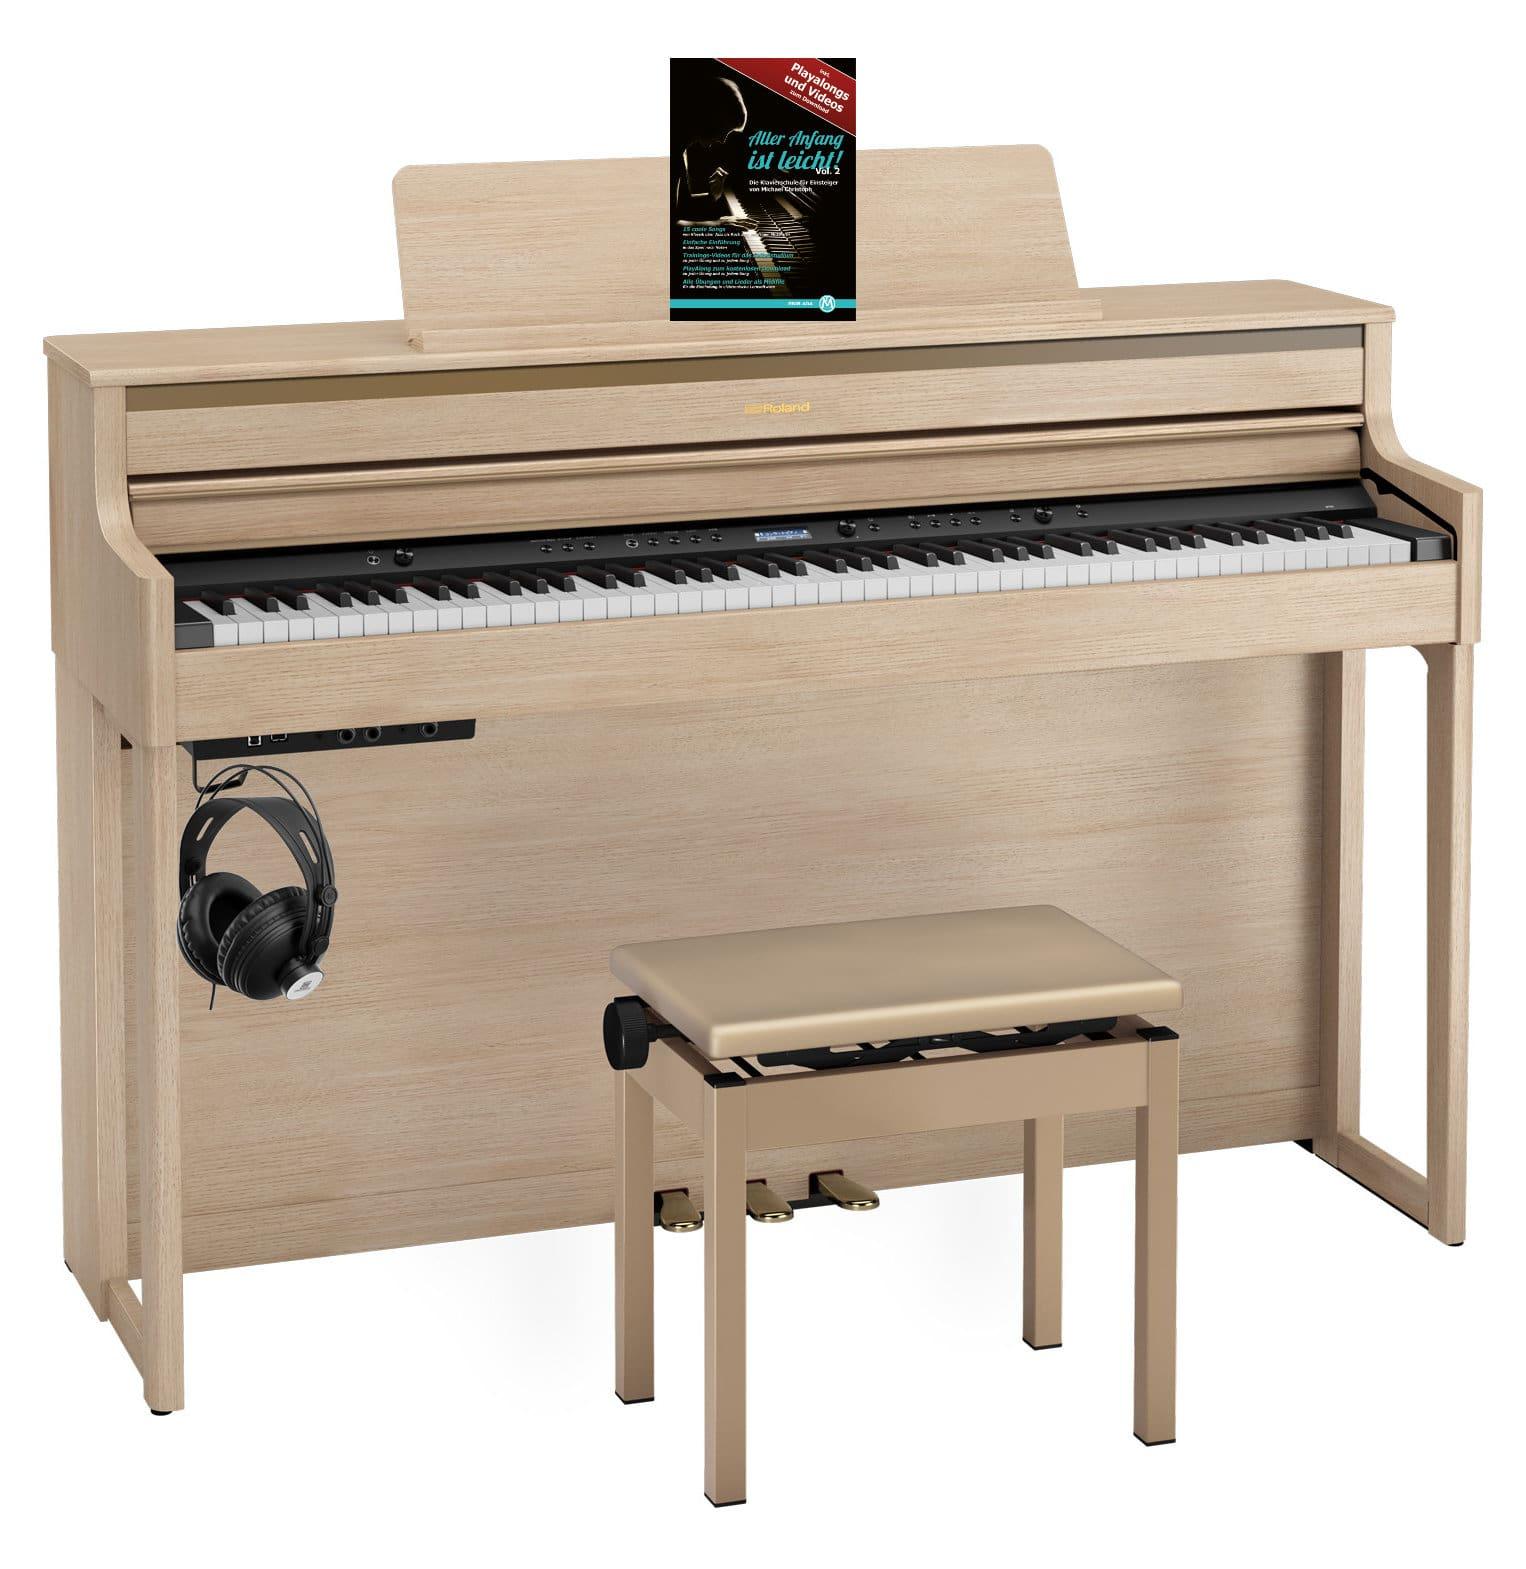 Roland HP704 LA Digitalpiano Set helle Eiche